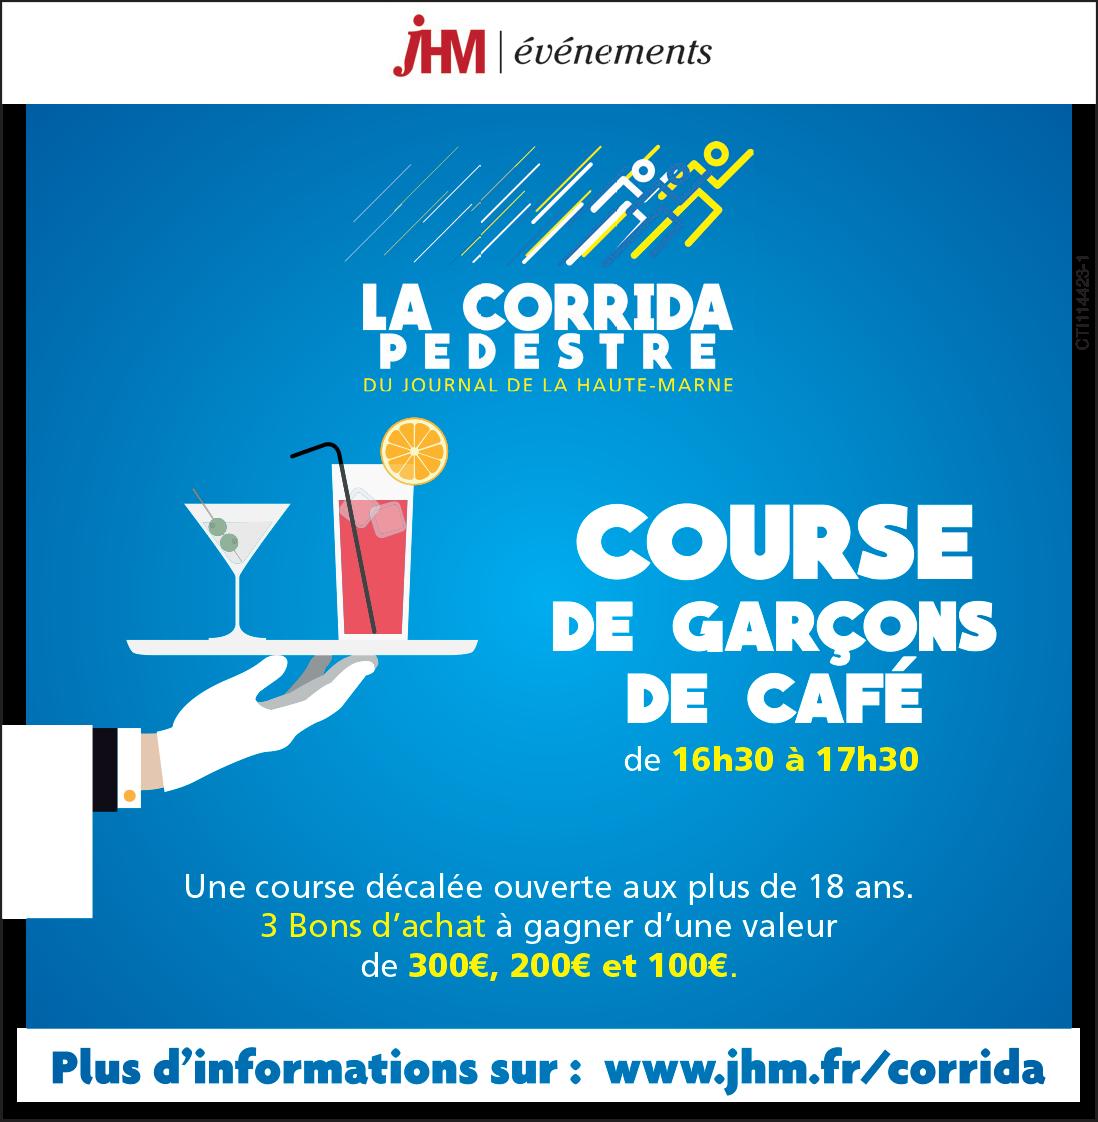 anim course garcon café